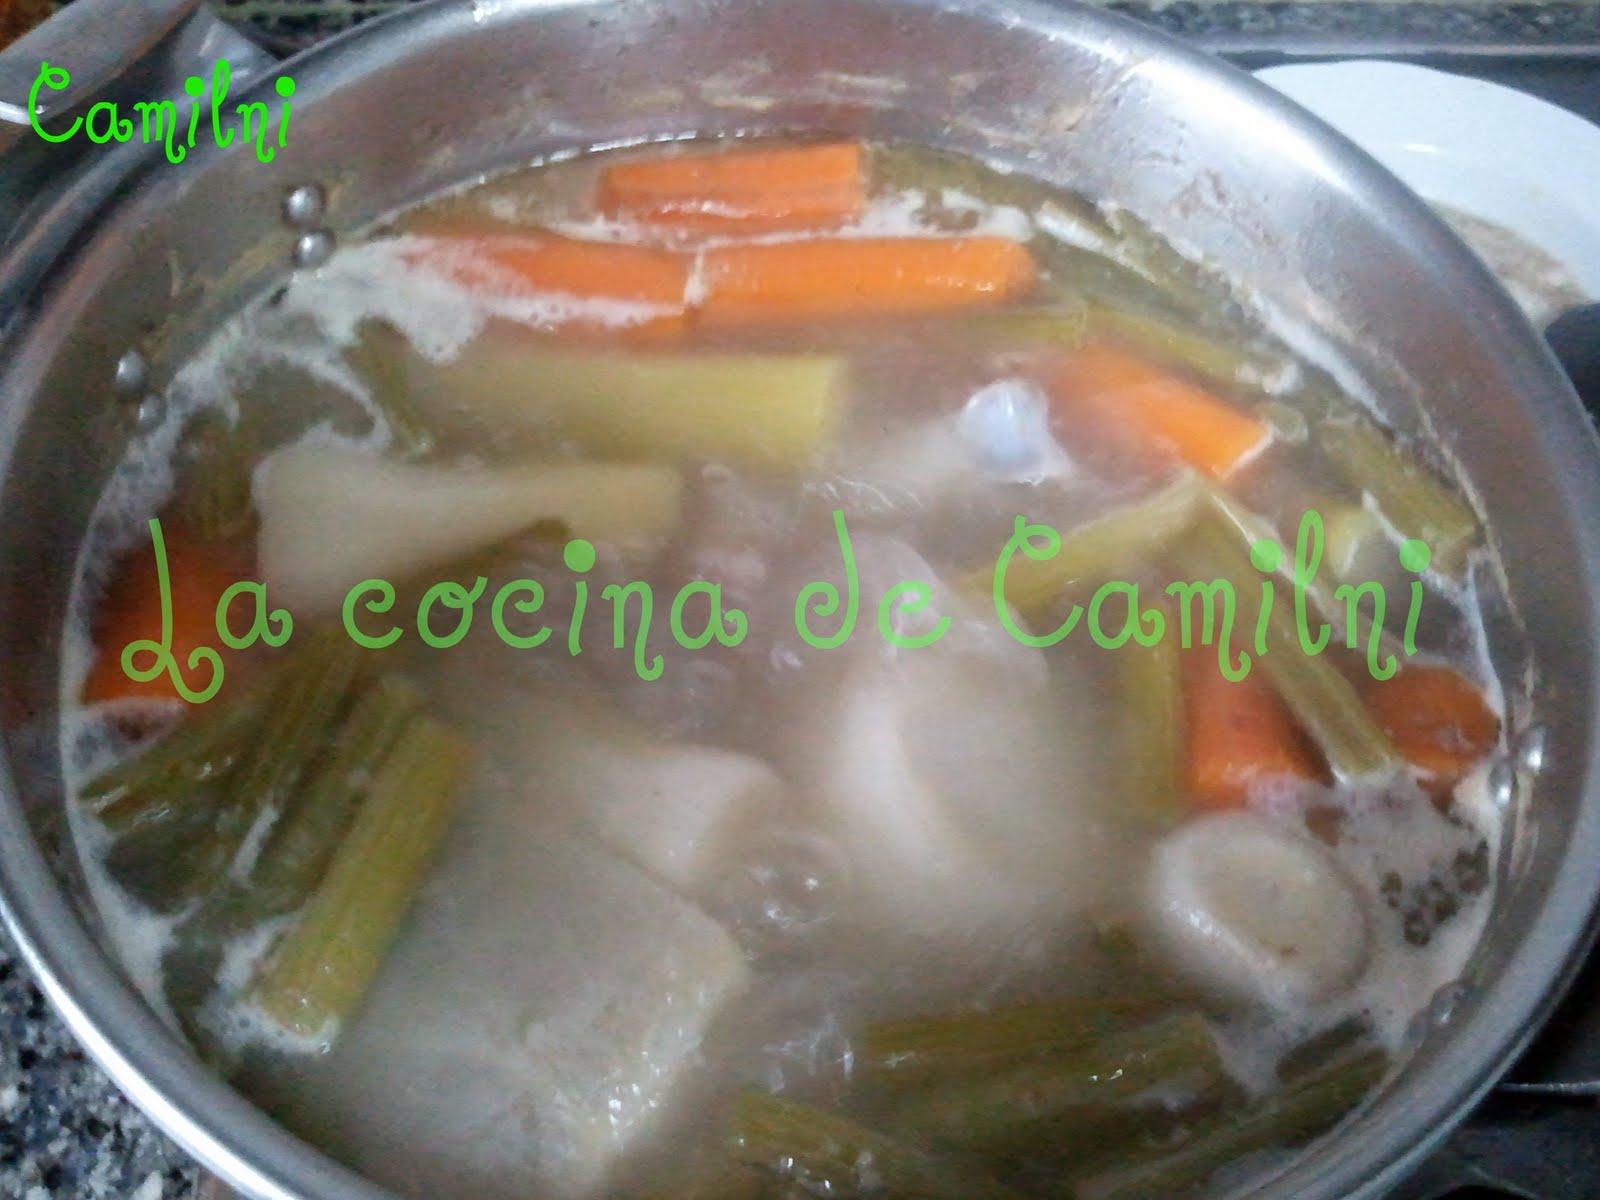 La cocina de camilni puchero gaditano - Garbanzos olla express ...